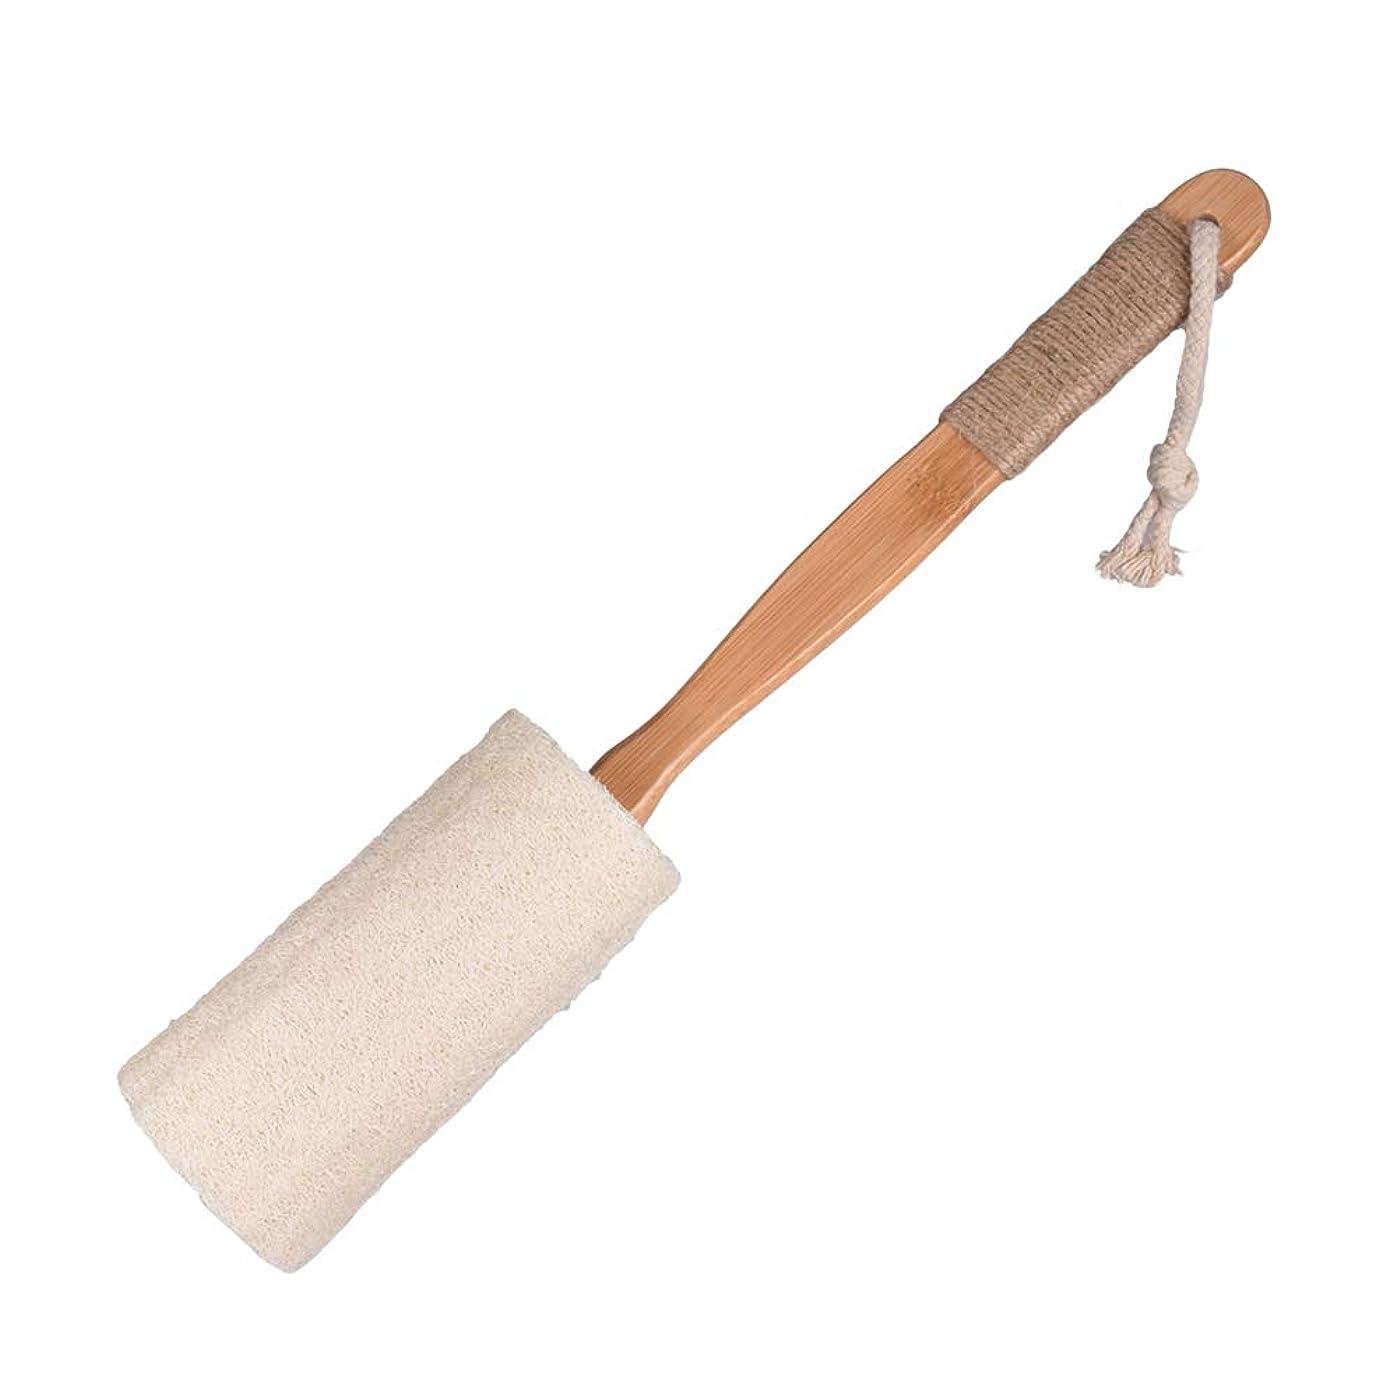 戸棚著名なキャベツYardwe バスボディーブラシエクスフォリエイティングルーファスポンジボディマッサージ(アンチスキッドロング竹製ハンドル付き)